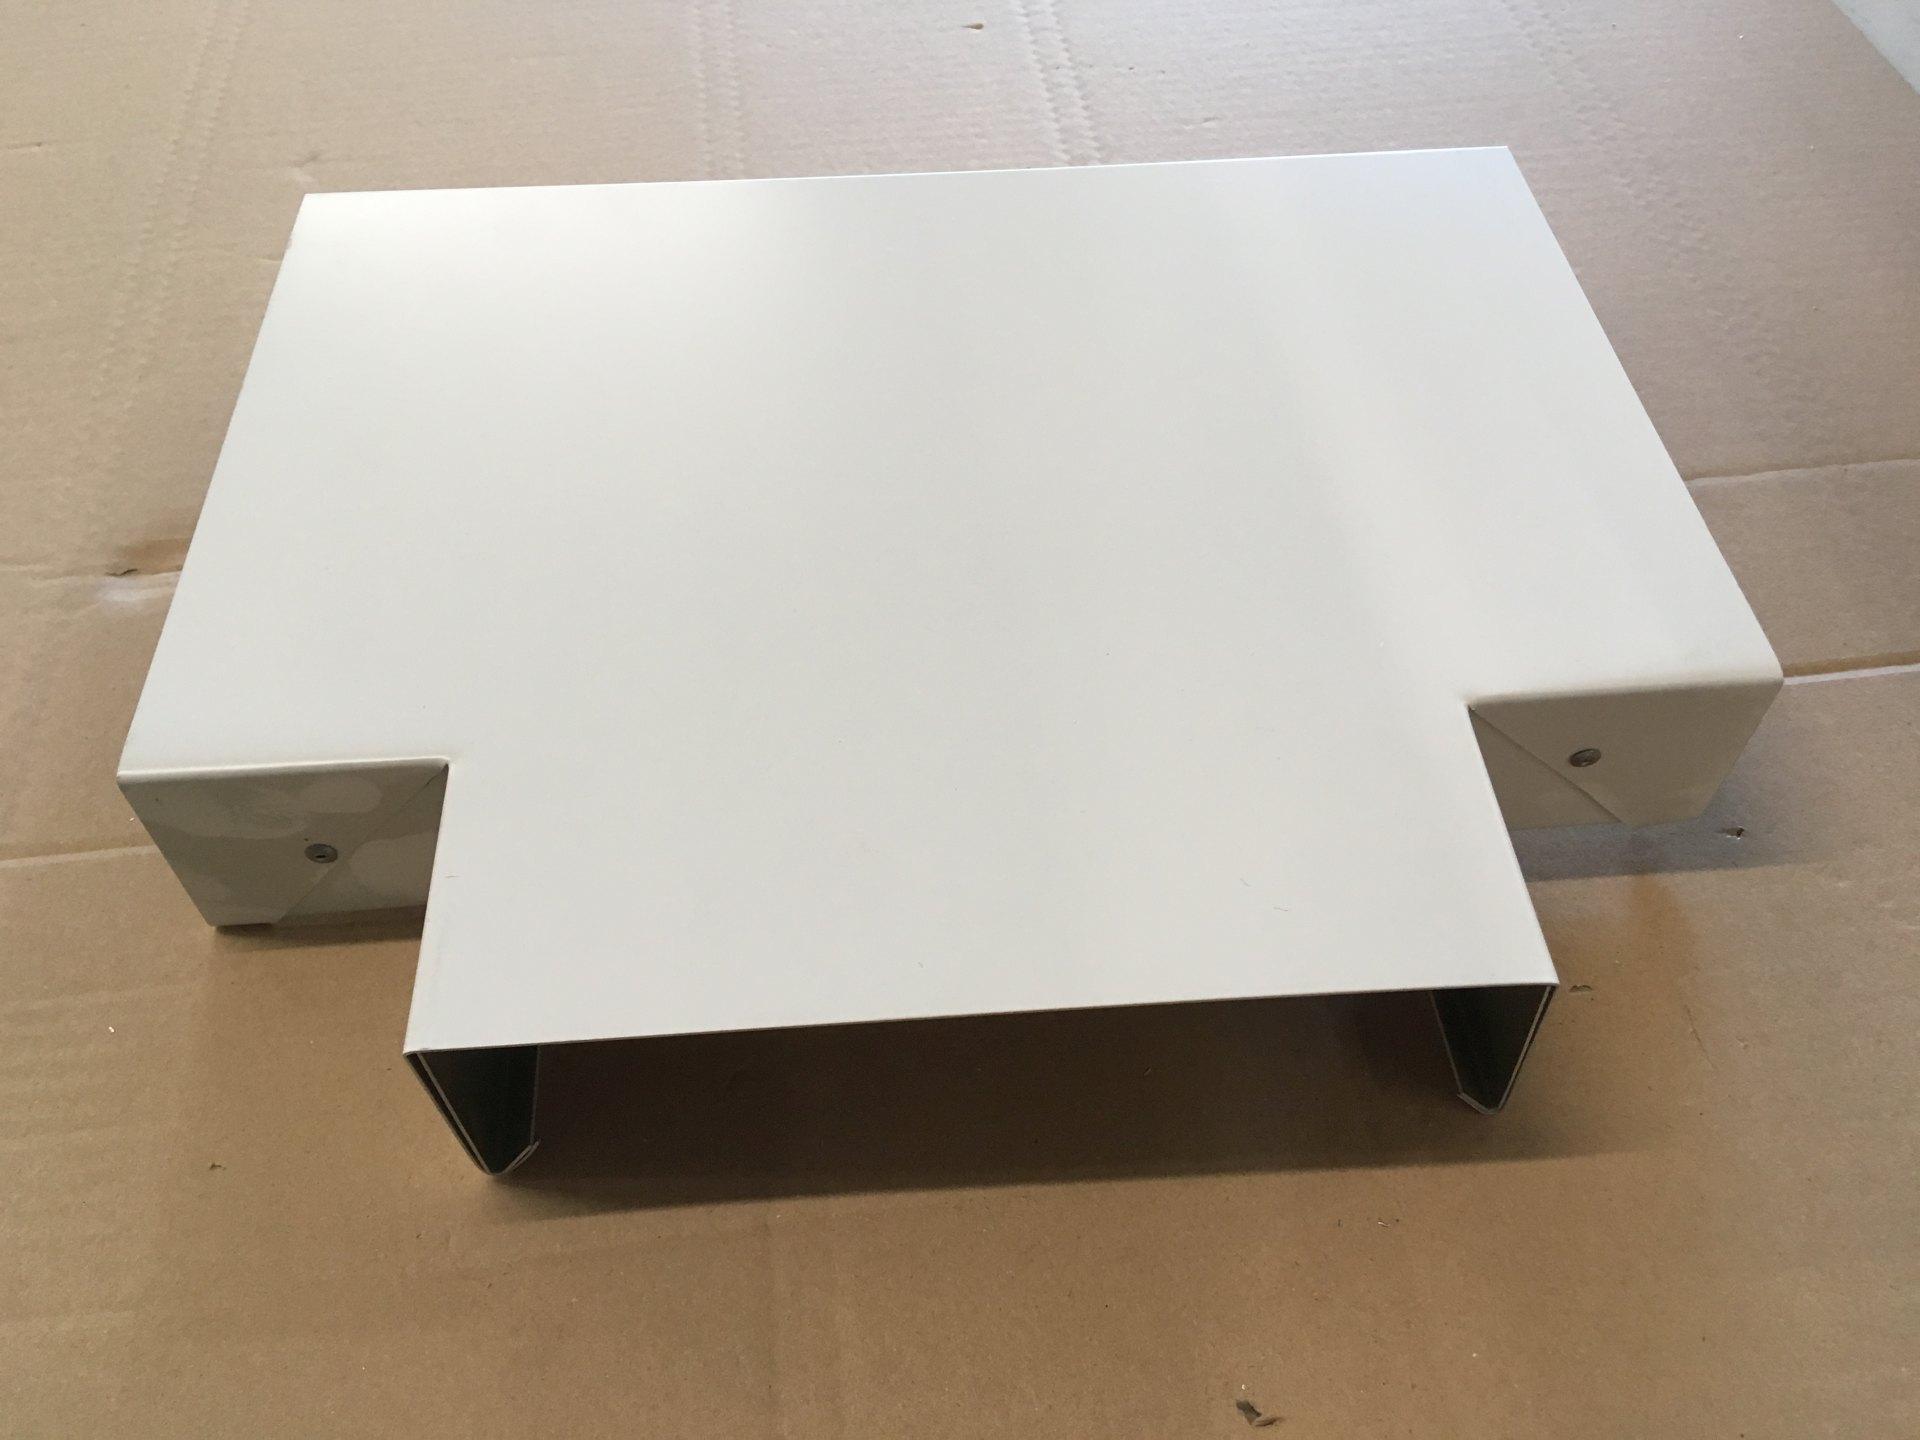 T-Stück in Aluminium weiß, Abdeckungsbreite 20cm